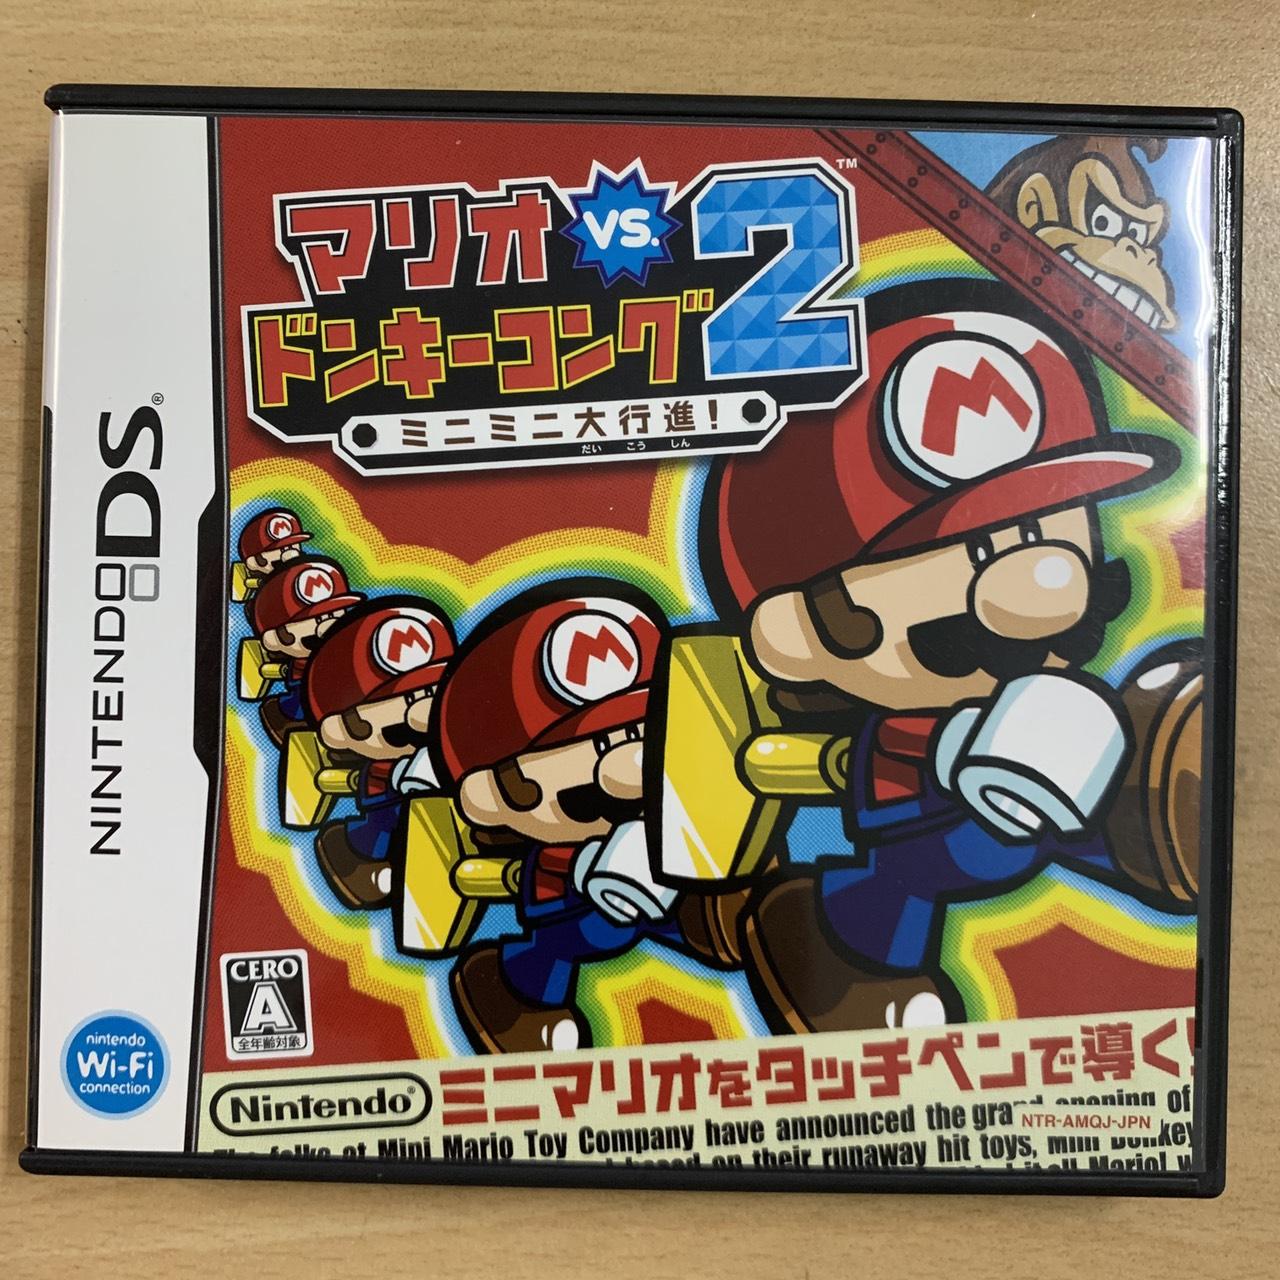 【飛力屋】日版 任天堂 NDS 瑪莉歐 vs 大金剛 馬力歐 迷你大行進 純日版 3DS主機可以玩